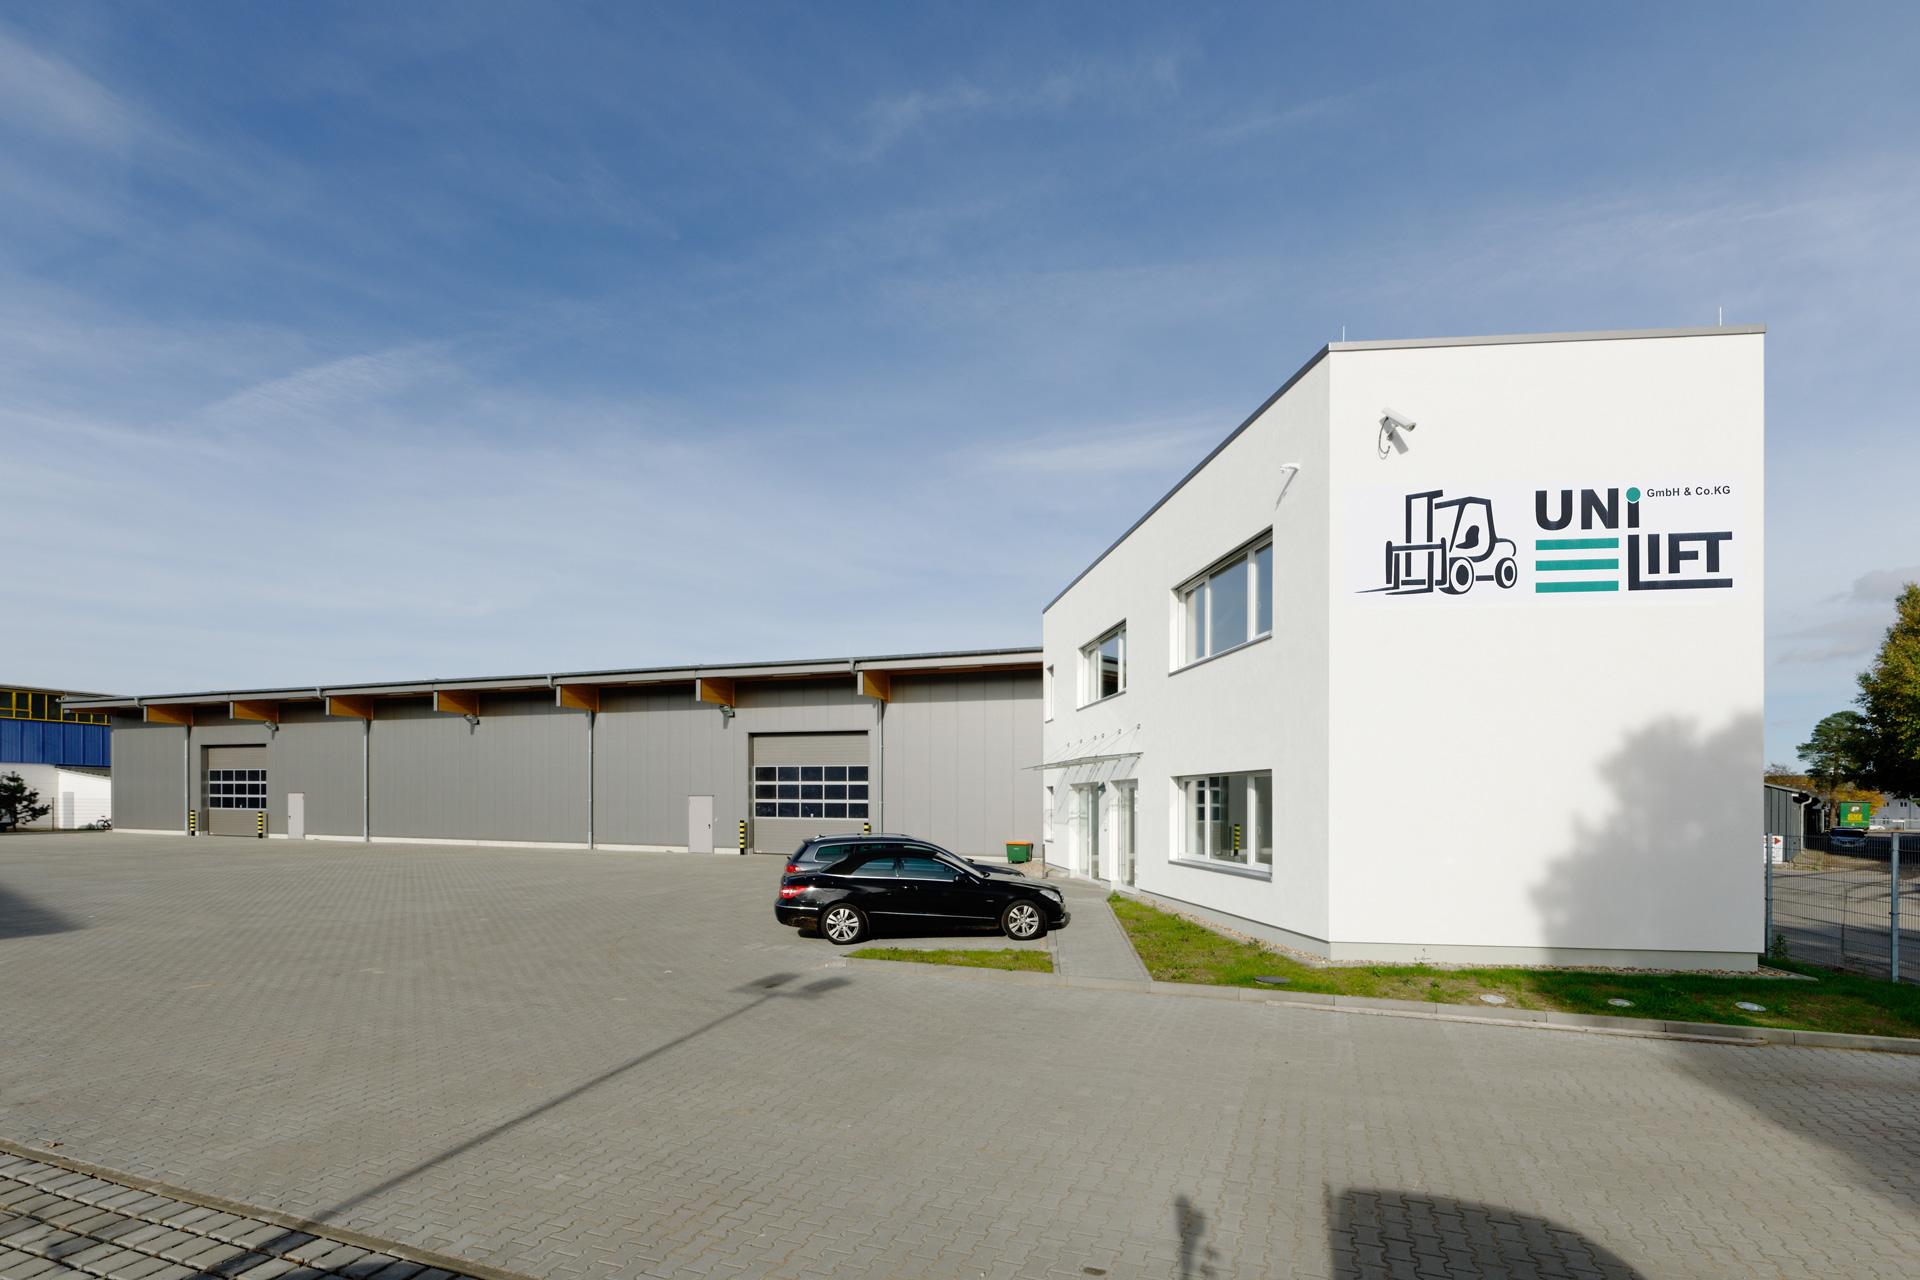 Lagerhalle3 Unilift - Case Study Unilift